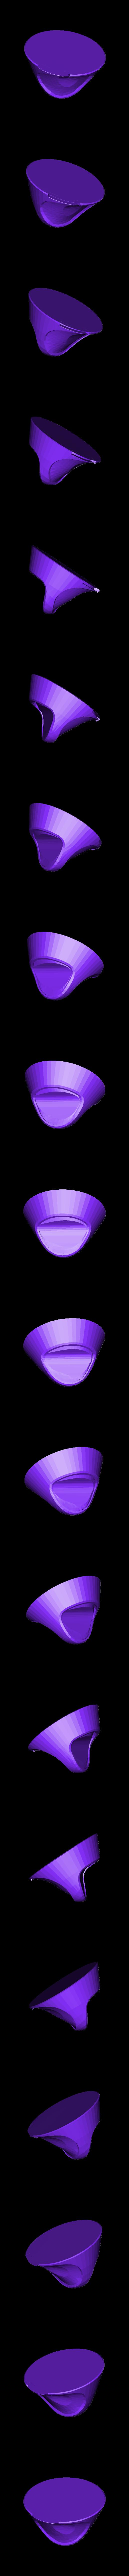 4.stl Télécharger fichier STL gratuit Articulations de la voûte plantaire • Design pour impression 3D, indigo4